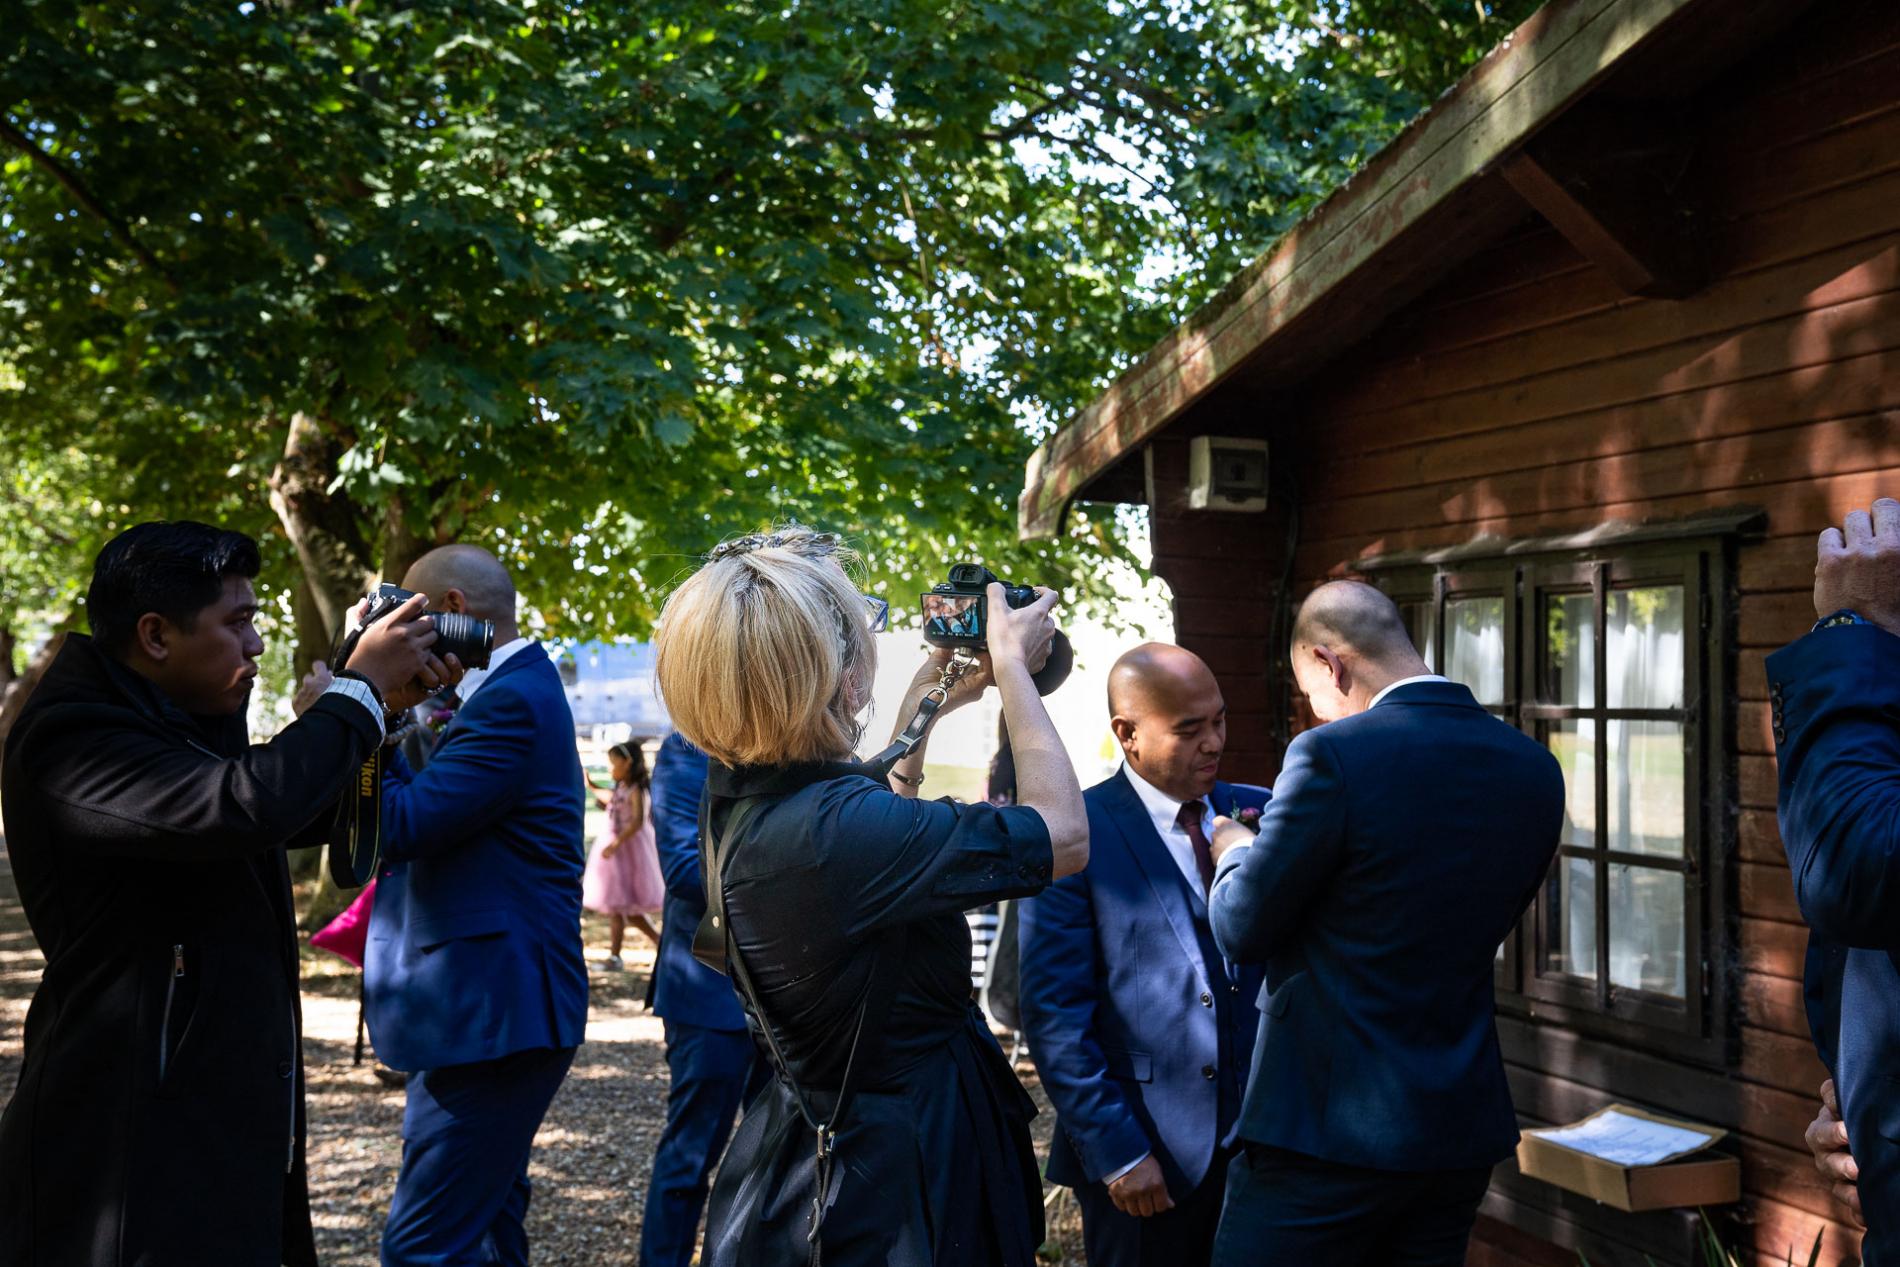 Wheathampstead Hertfordshire trouwfotograaf fotograferen tijdens een evenement.